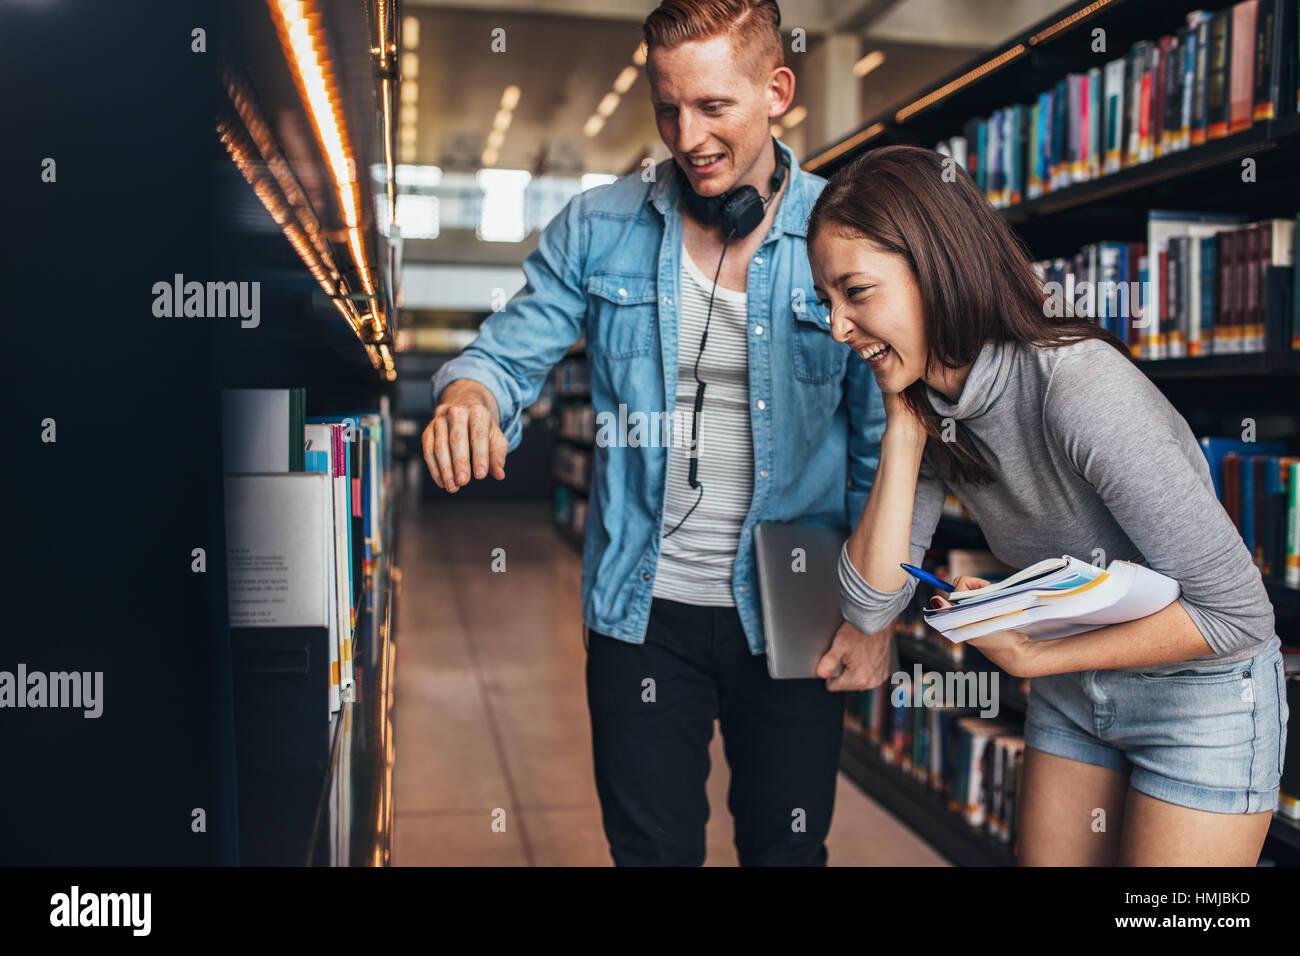 Image of young man and woman standing by book shelf en bibliothèque et à la recherche de livres. Les élèves Photo Stock